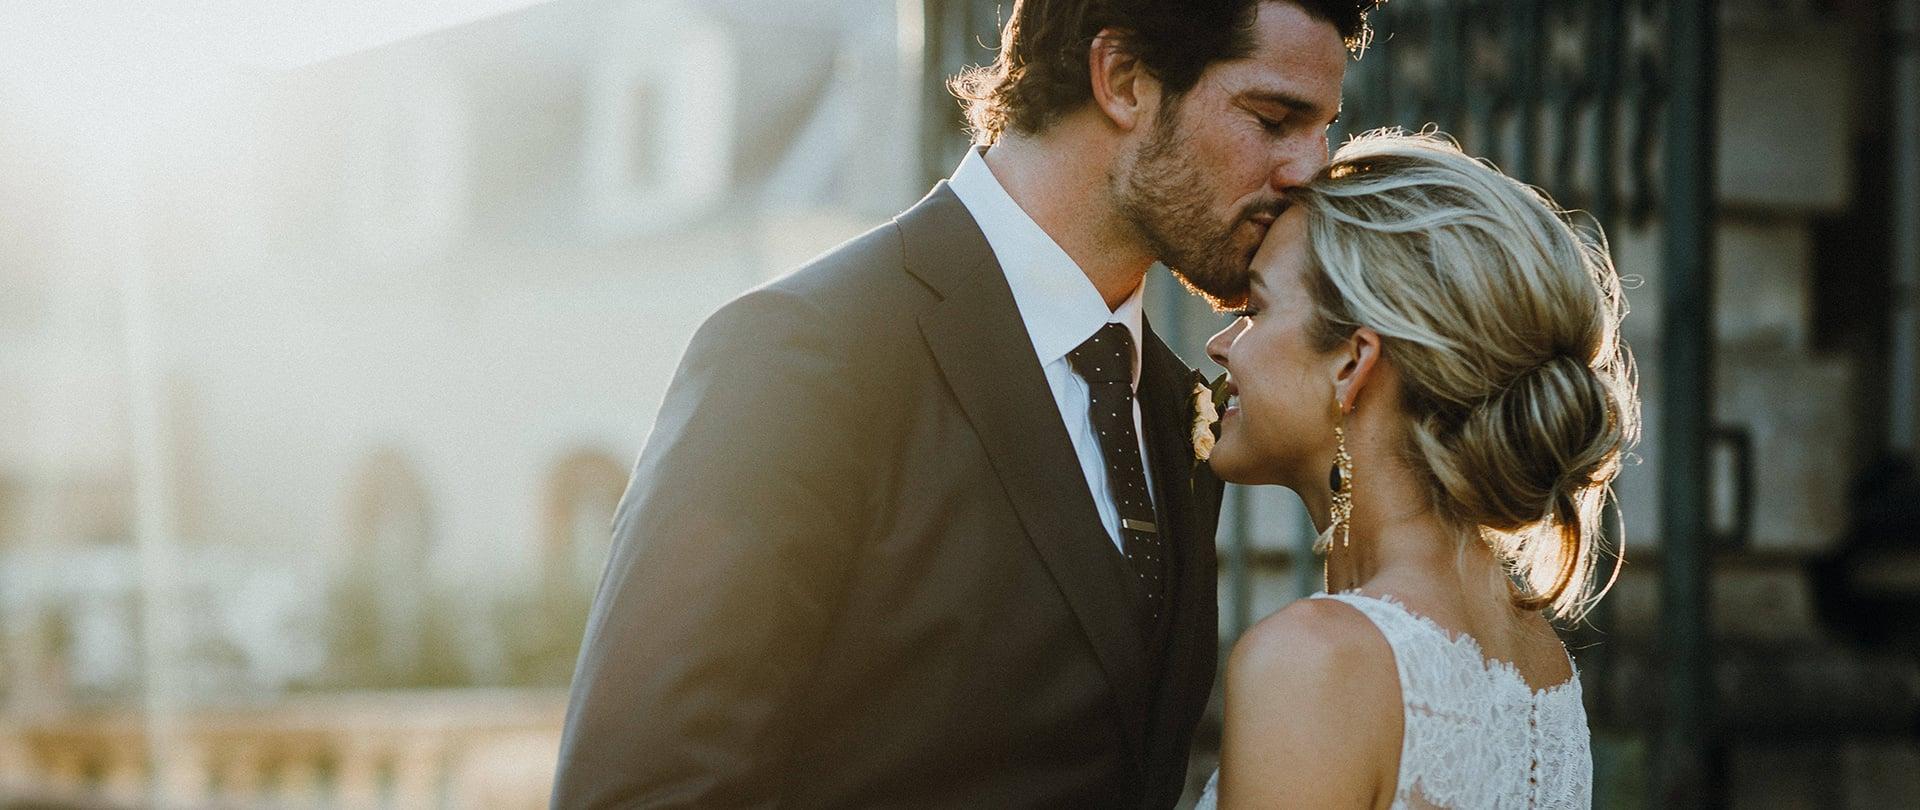 Celia & Hugh Wedding Video Filmed at Loire Valley, France